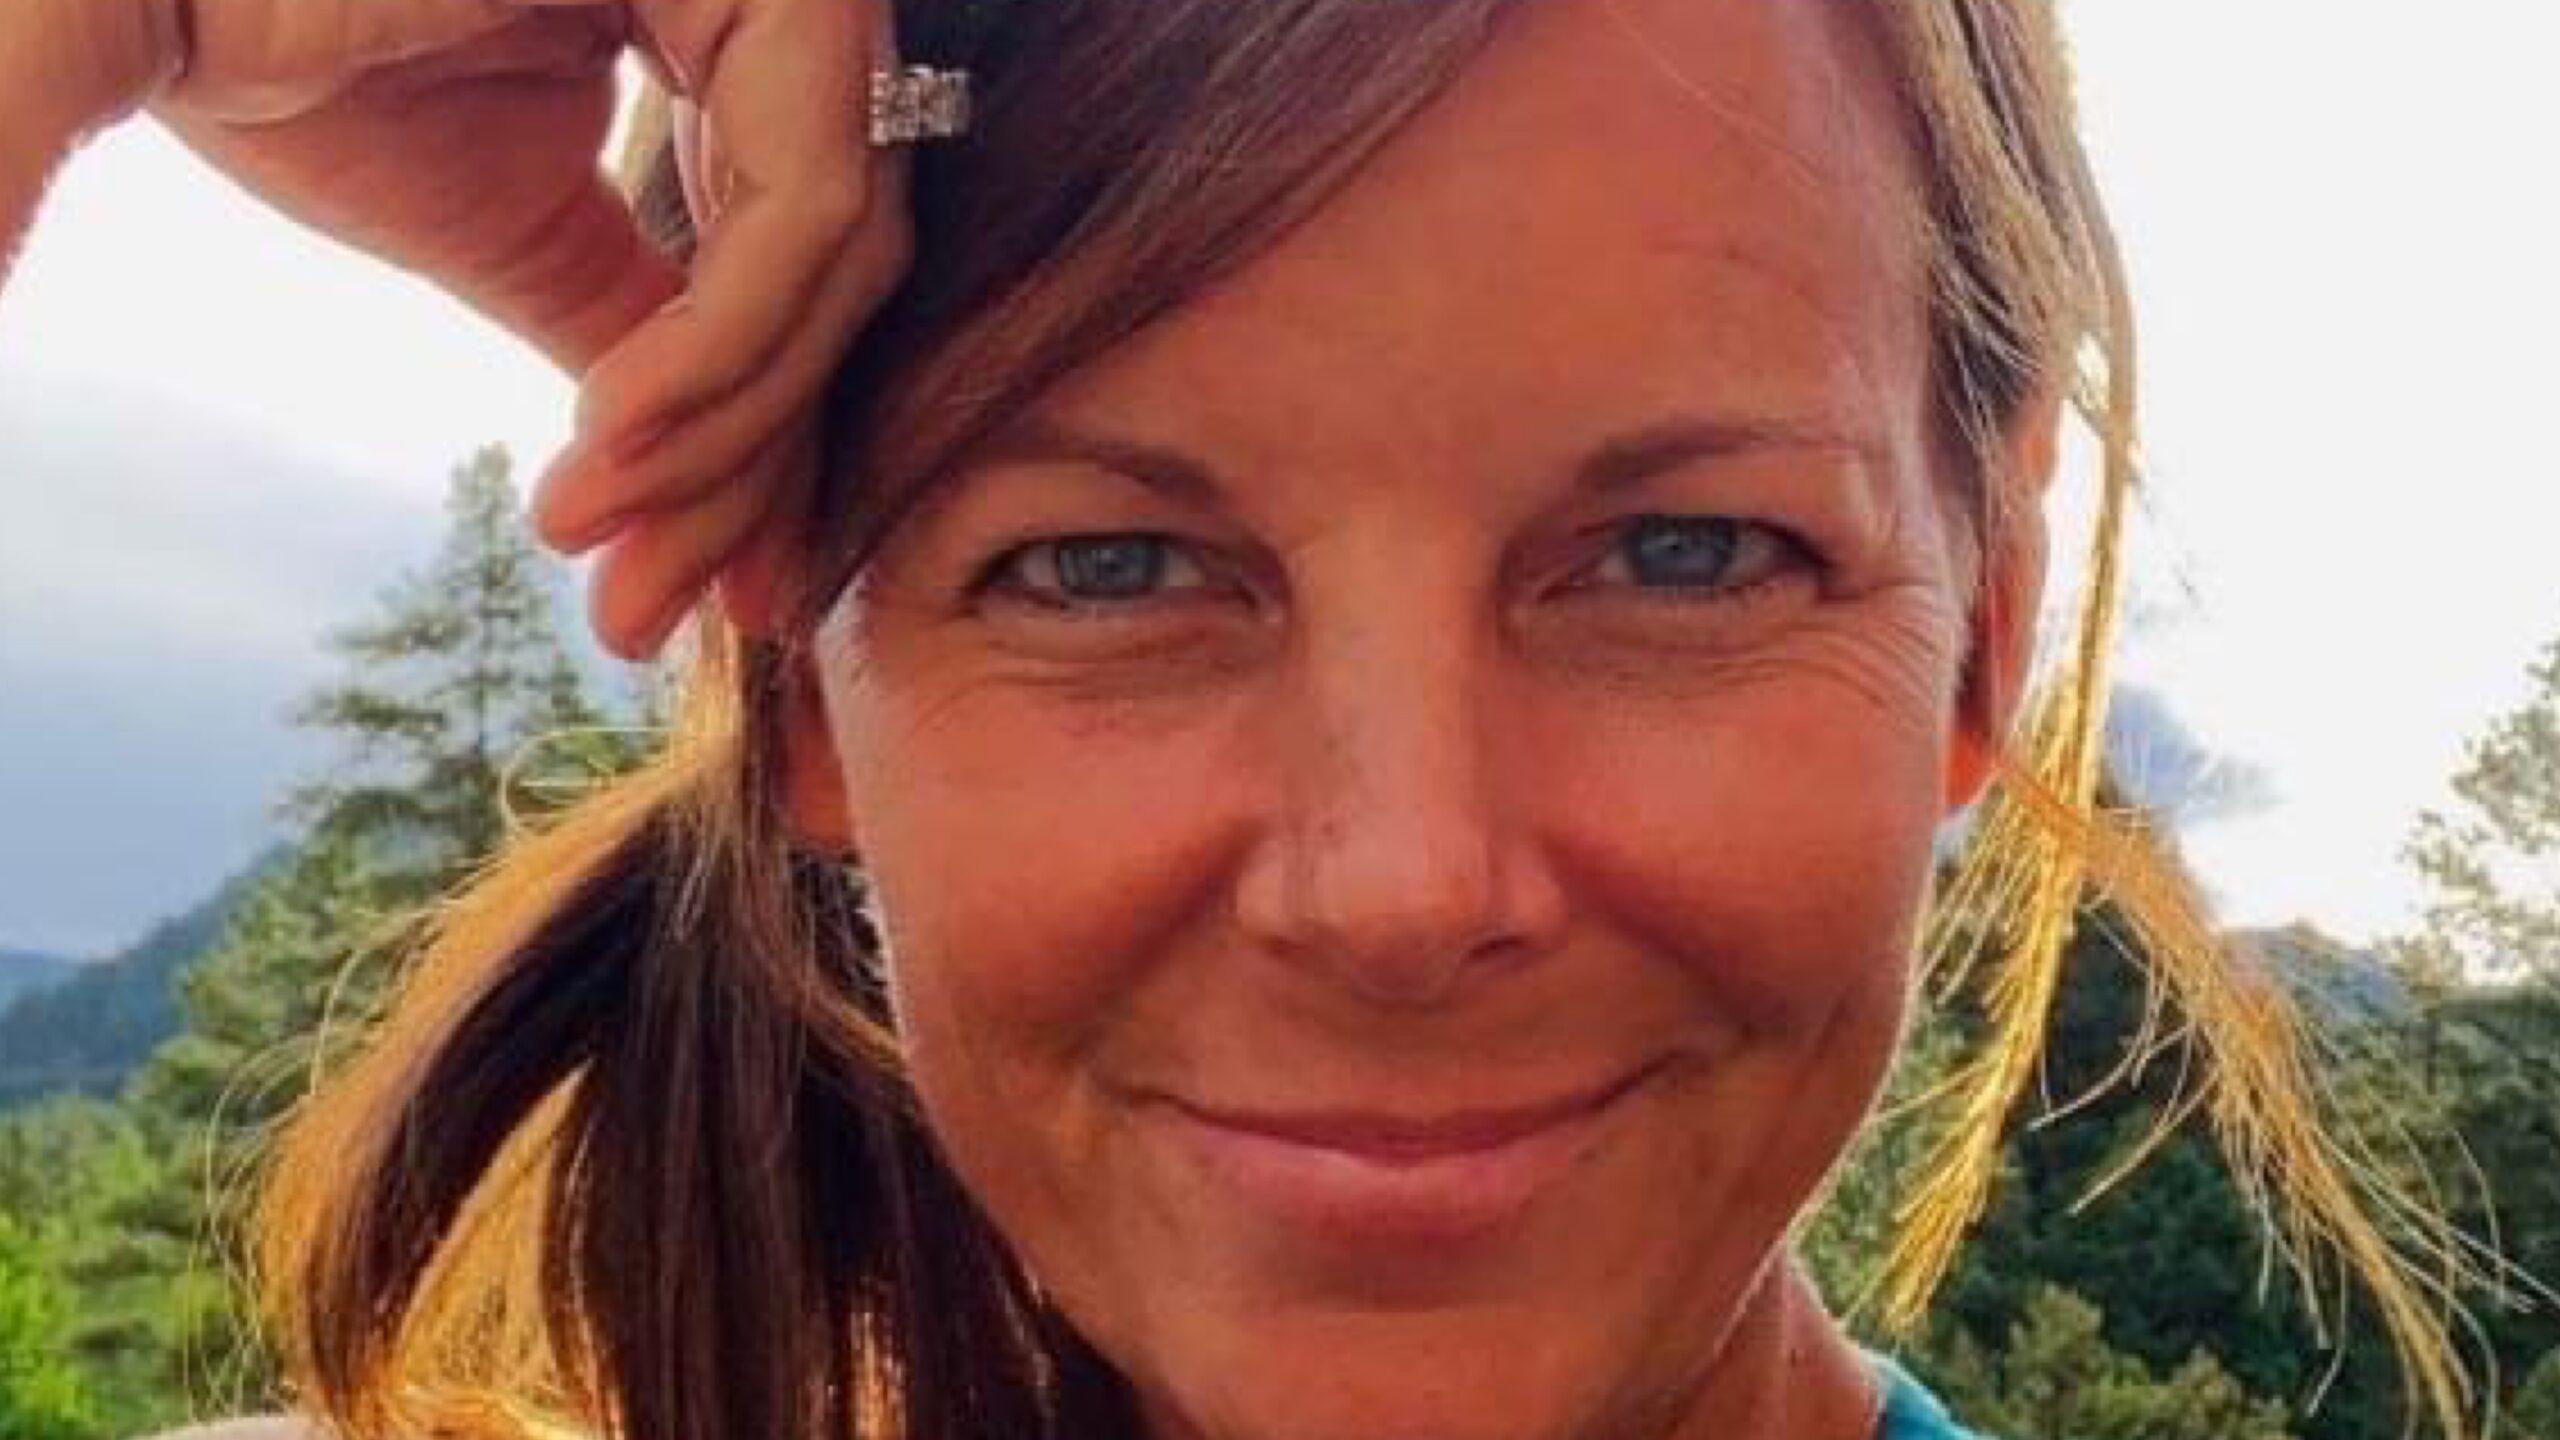 Suzanne-Morphew-desaparecida-en-Colorado